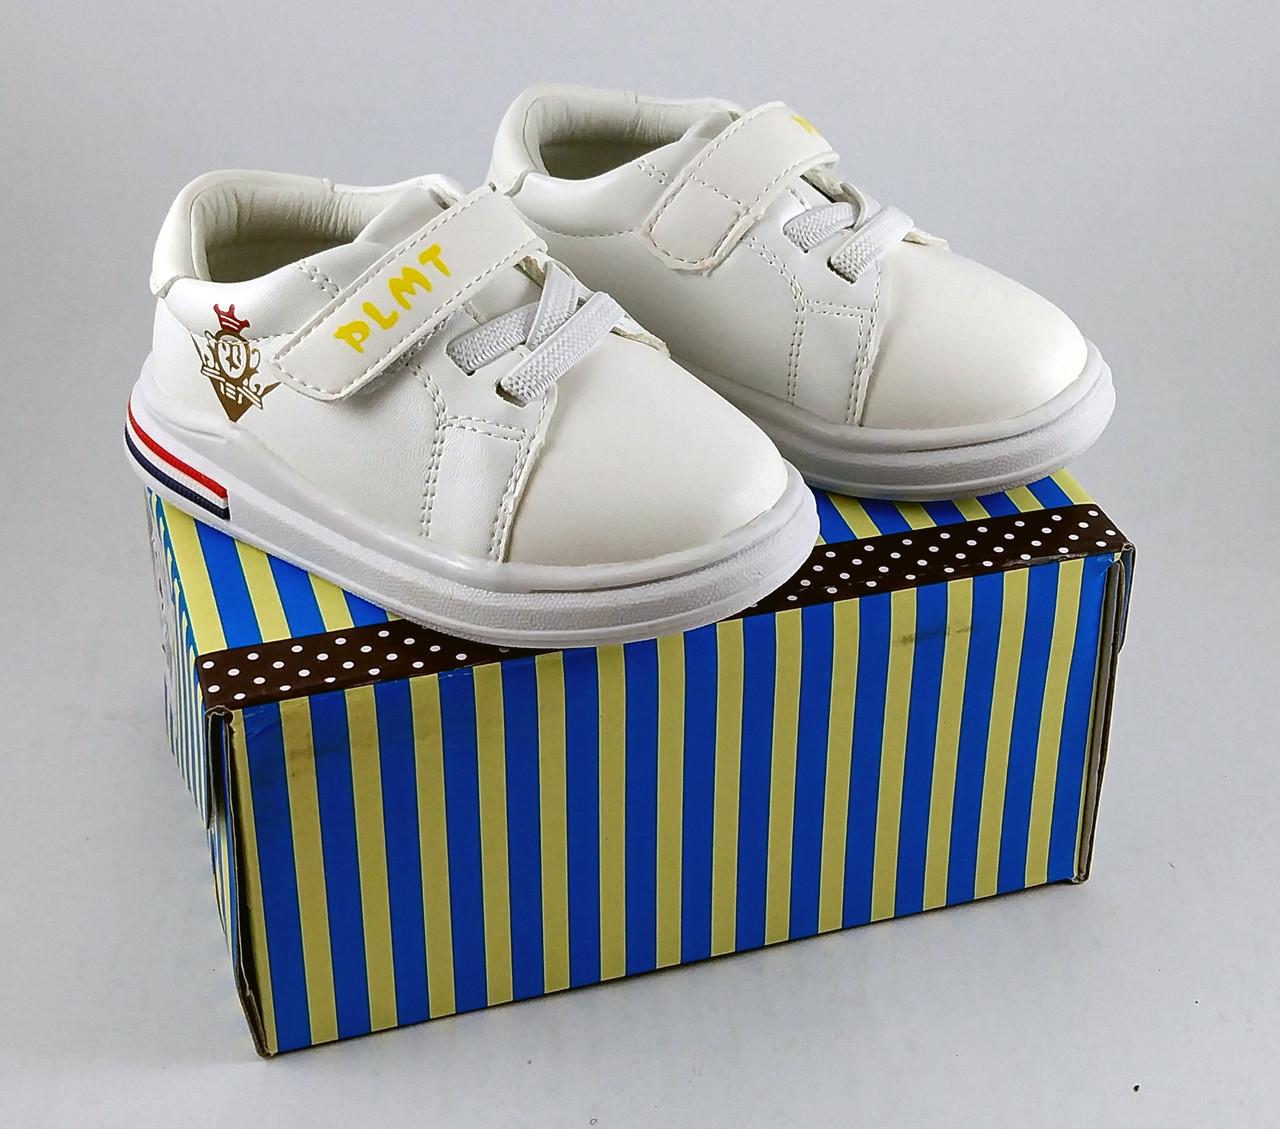 0aa406c72 Кроссовки детские, обувь для девочек - mioBambino Интернет магазин детской  обуви в Днепре